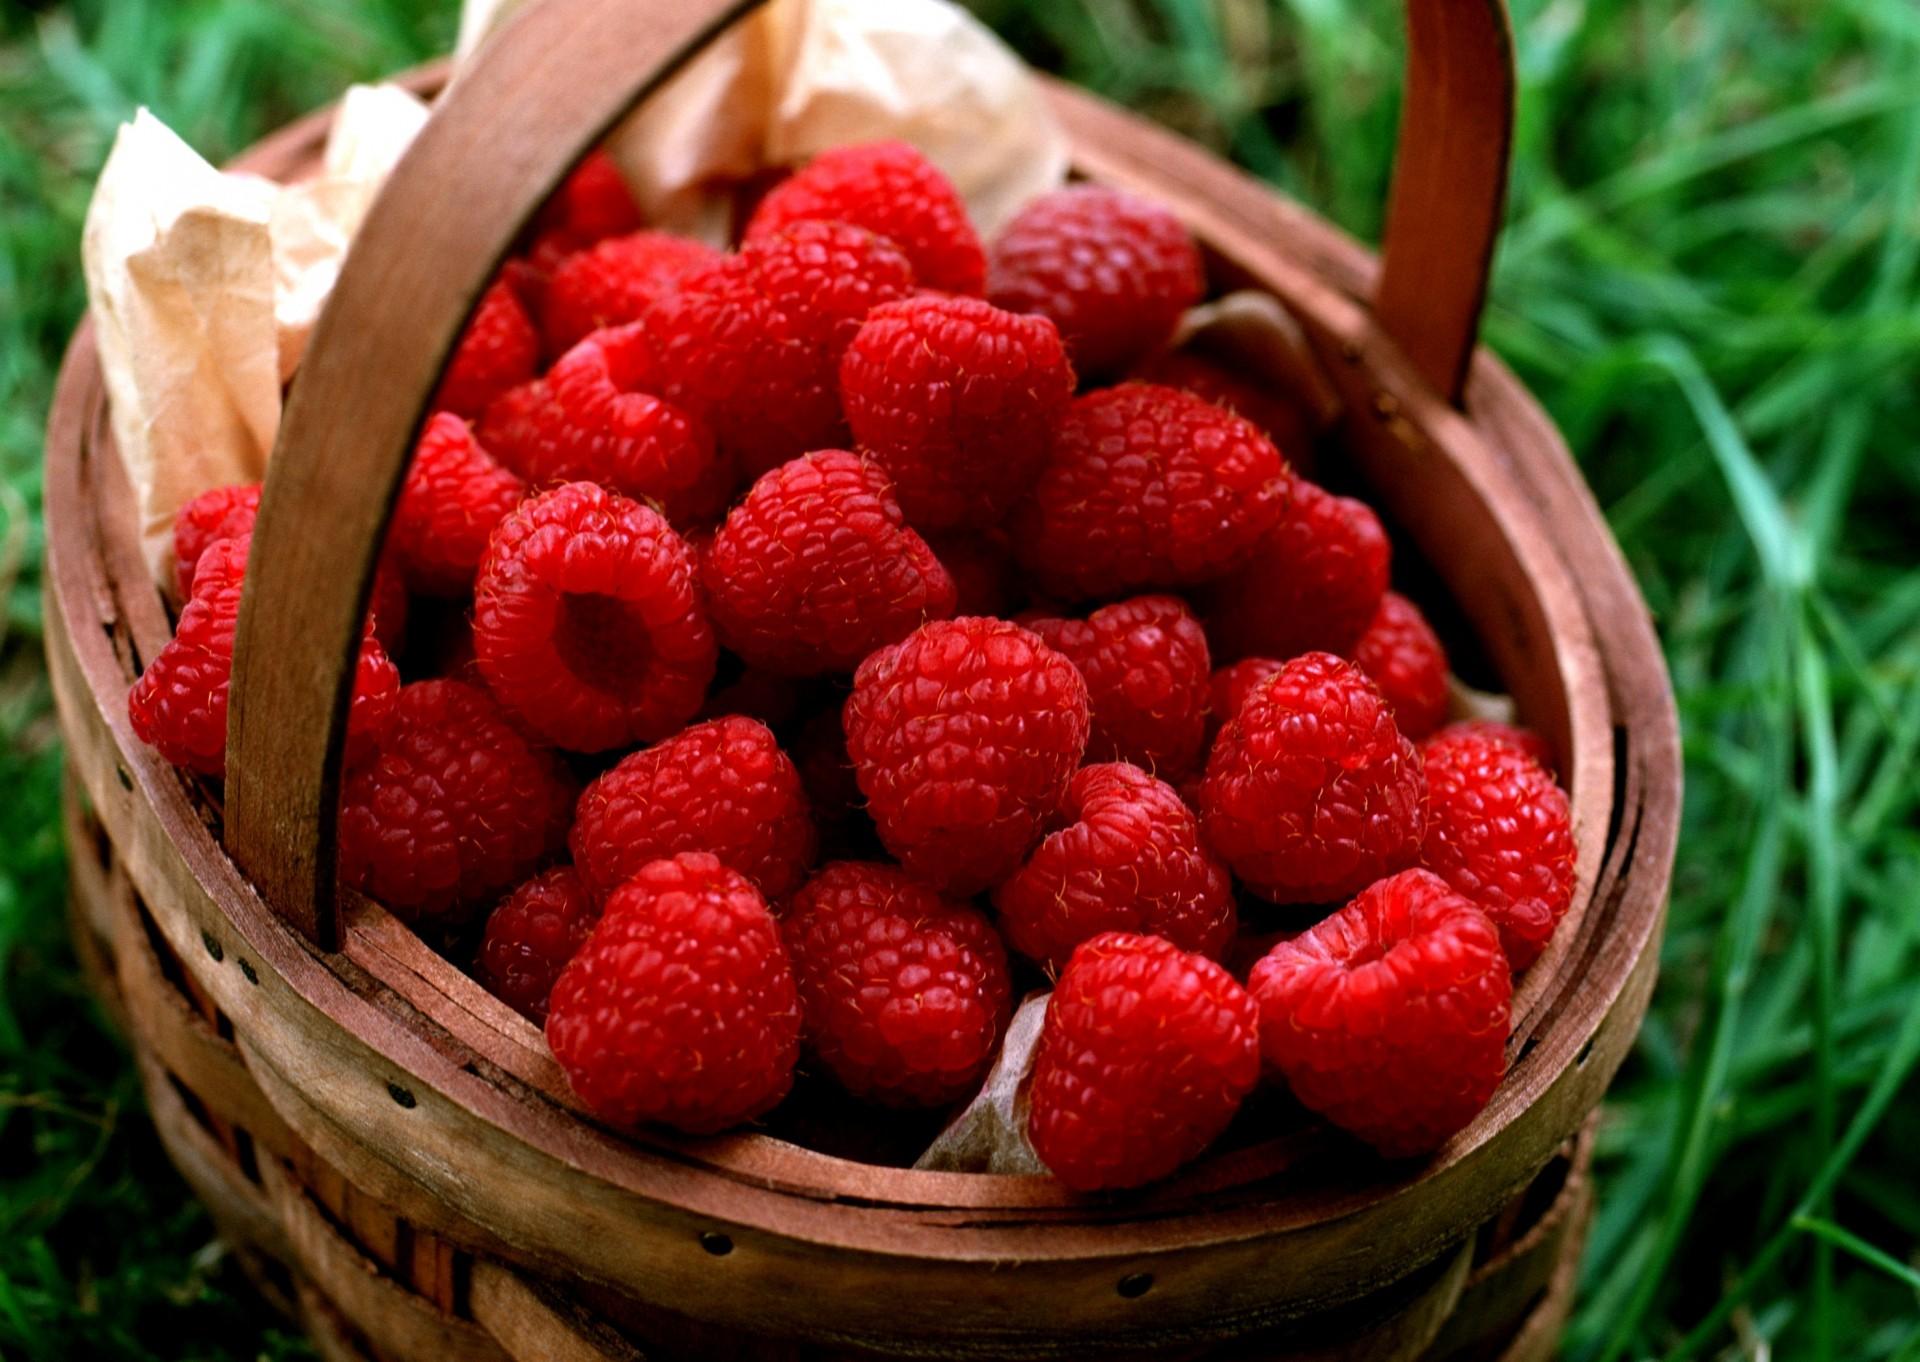 Открытка днем, картинка с ягодой малиной